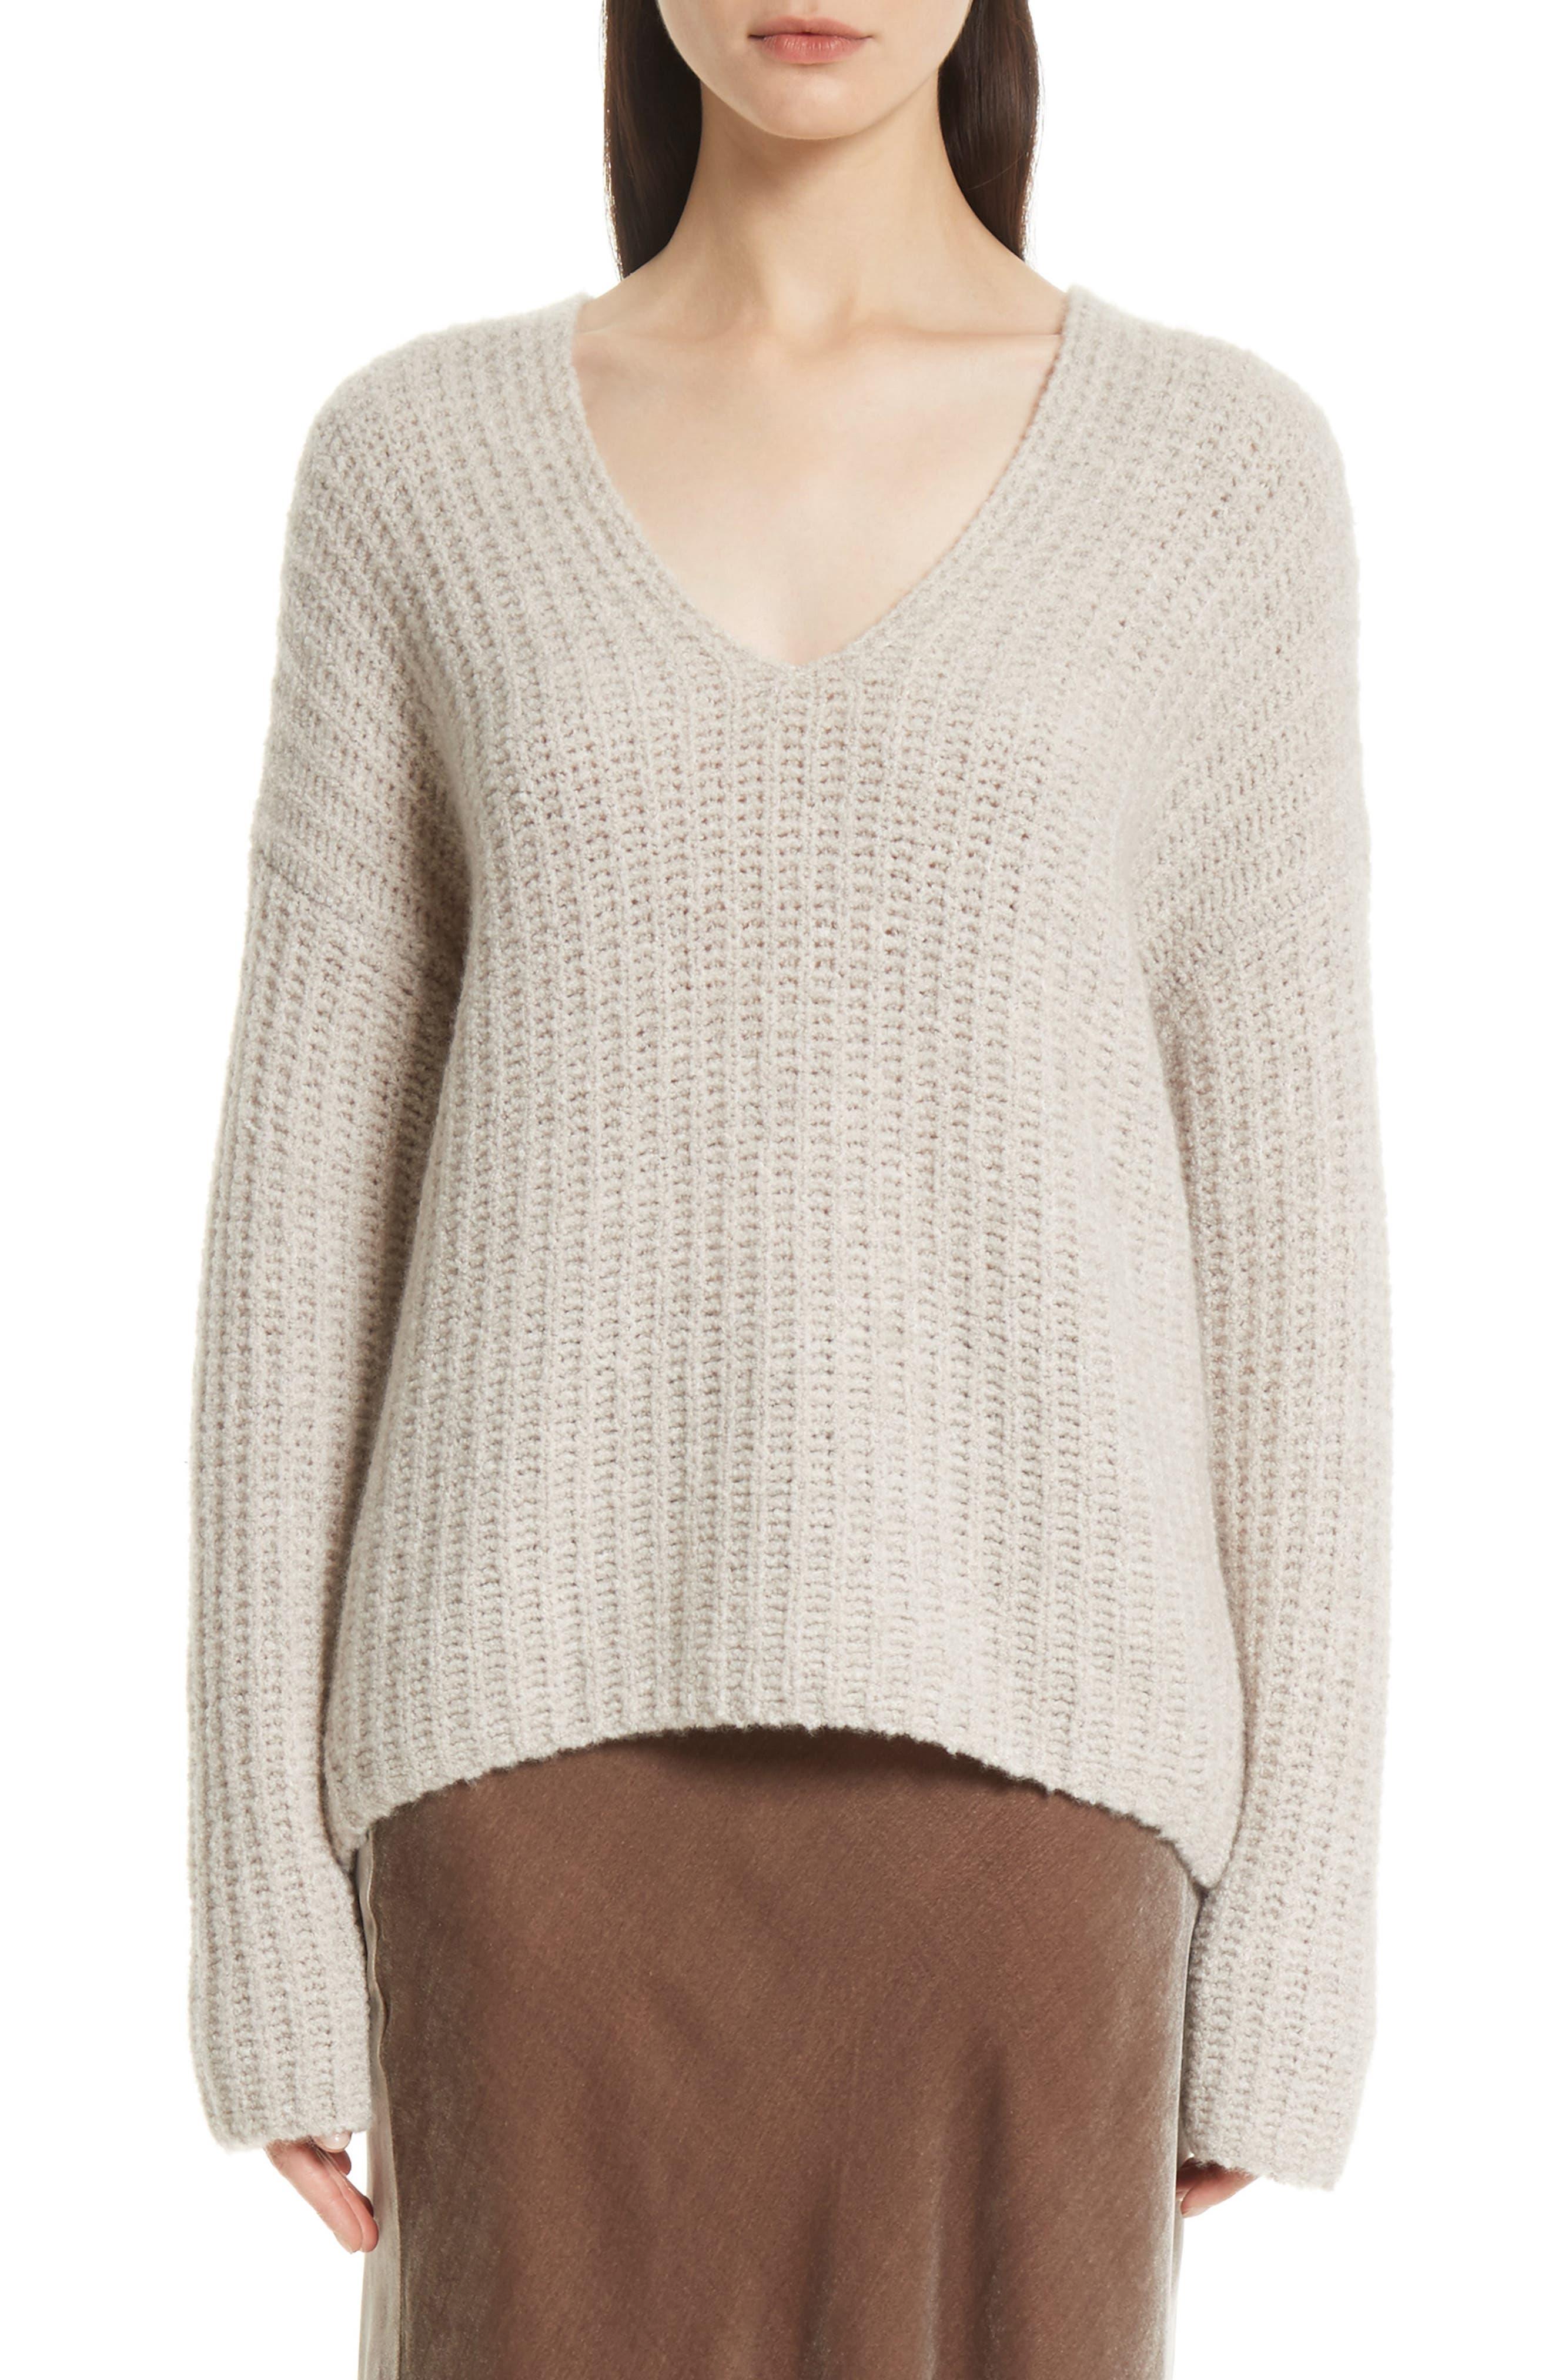 Alternate Image 1 Selected - Vince Deep V-Neck Cashmere Blend Sweater